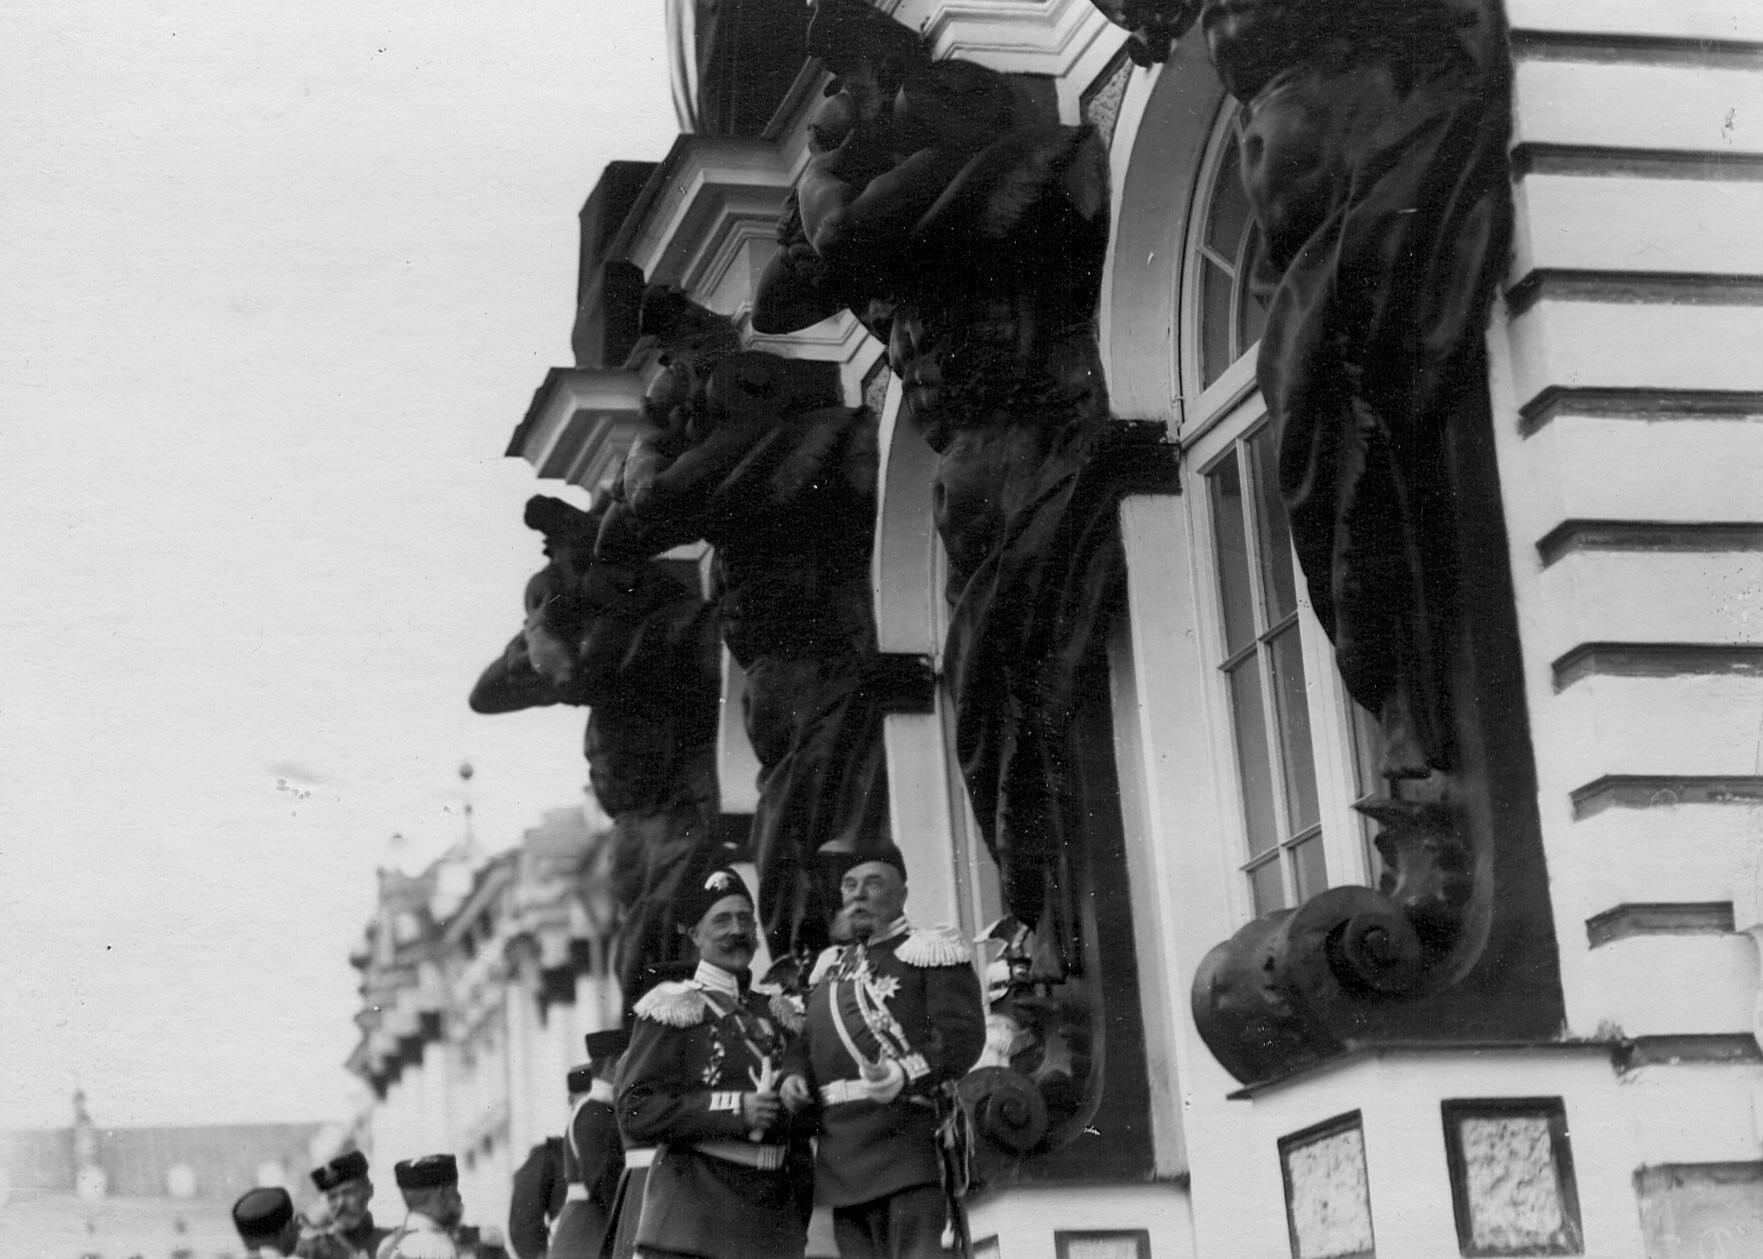 Группа генералов 2-го стрелкового Царскосельского батальона у здания Екатерининского дворца. 21 апреля 1905